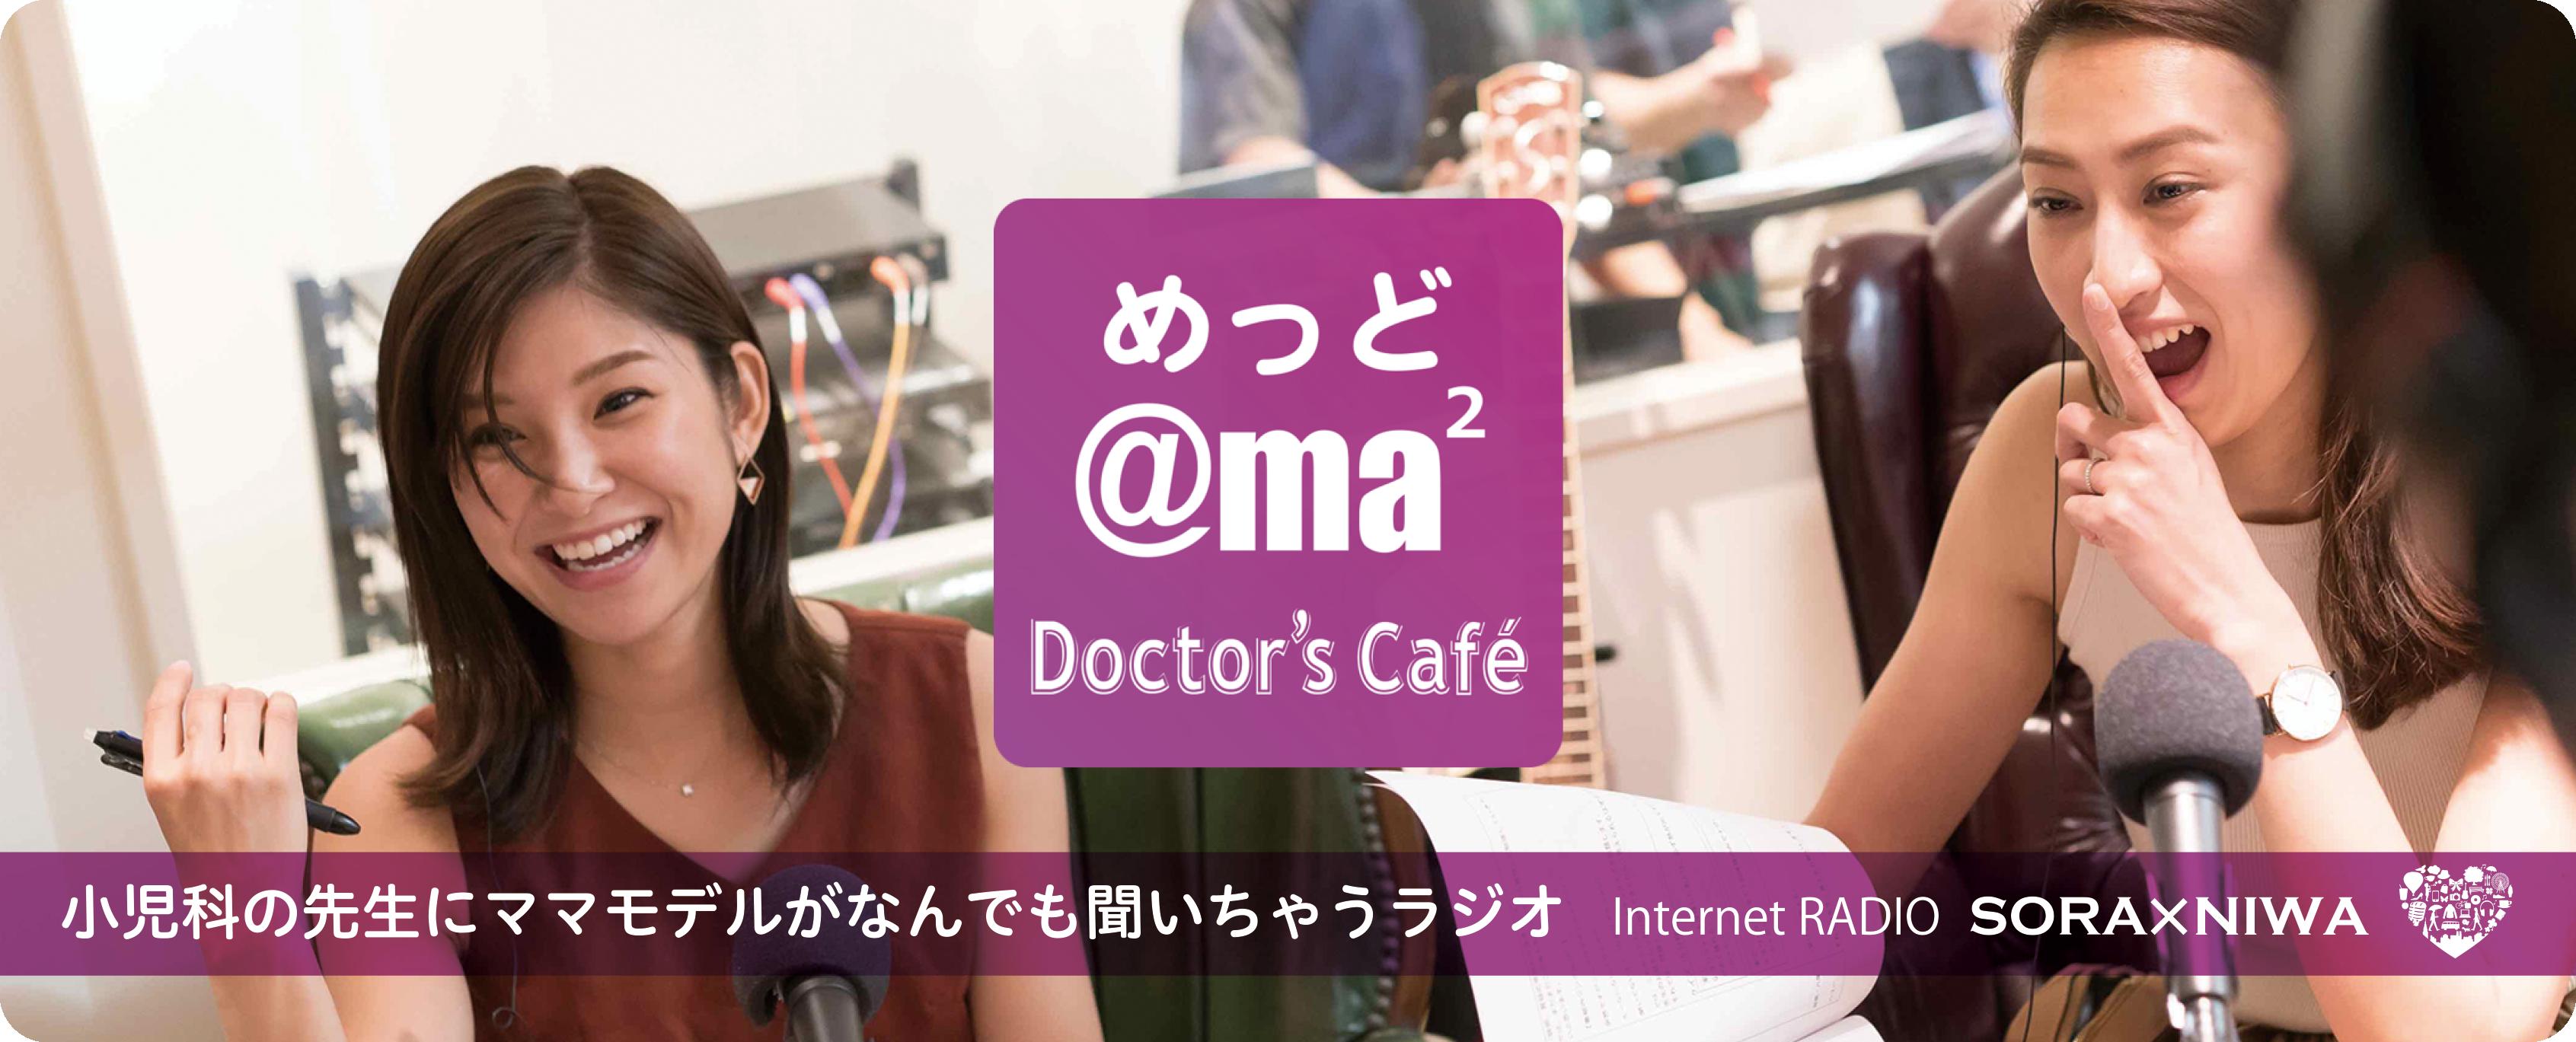 めっど@mama Doctor's Cafe